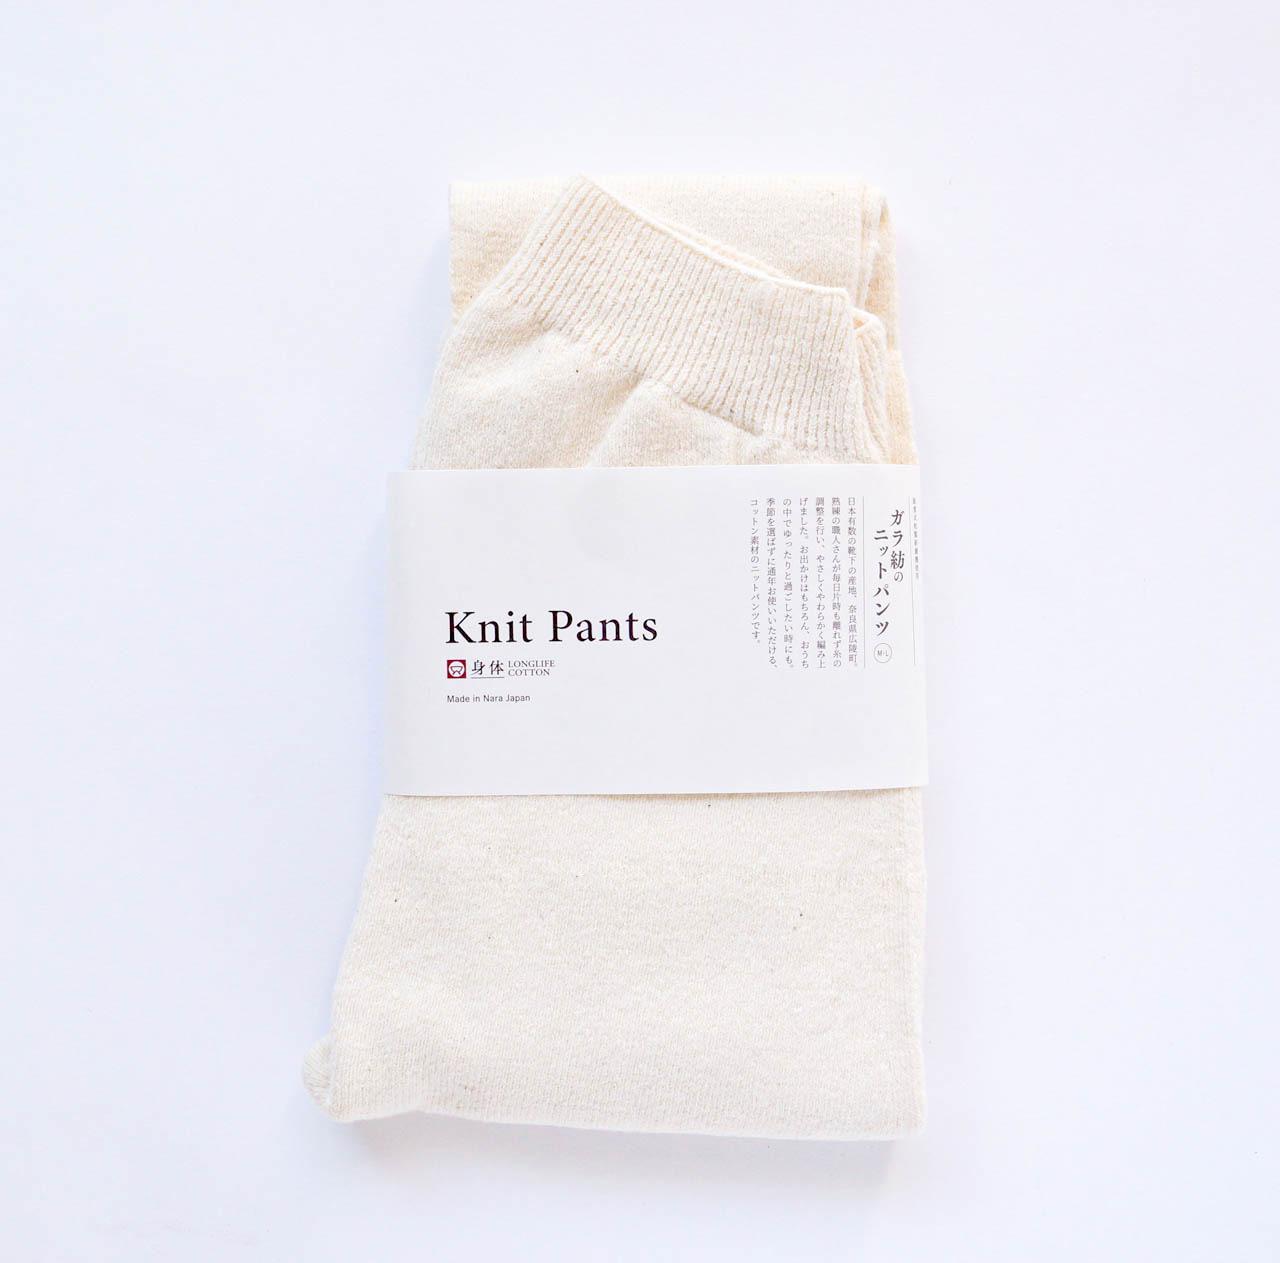 うっとりするようなふわふわの肌ざわり、極上の温かさ|ガラ紡のニットパンツ